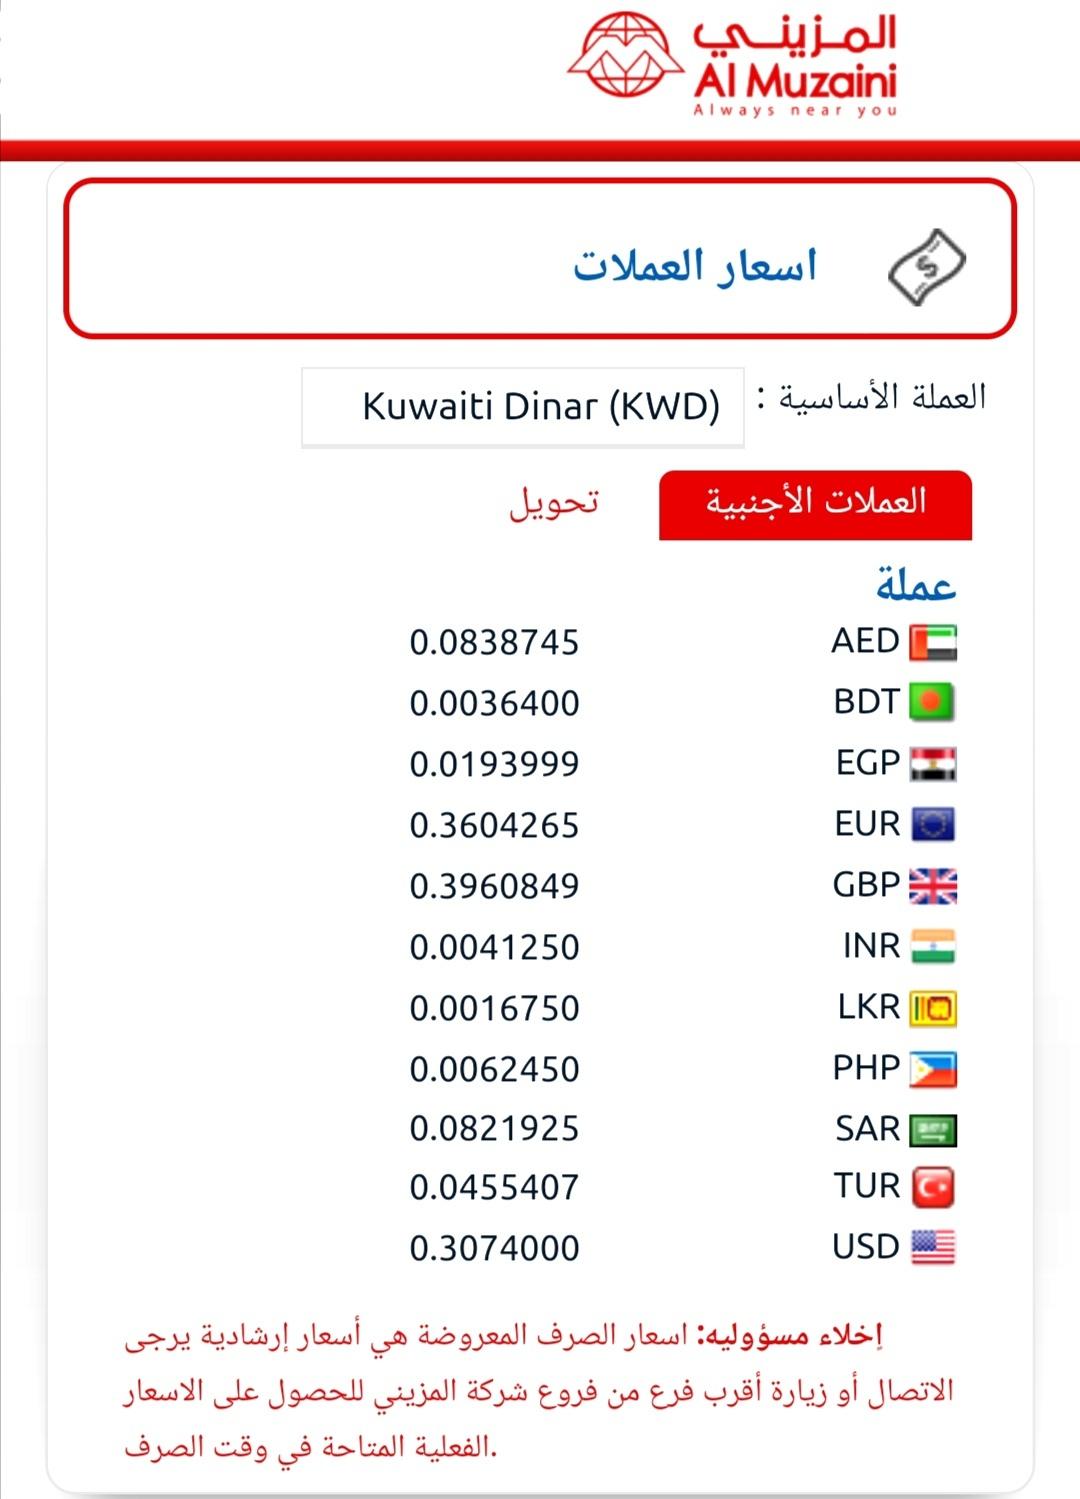 اسعار تحويل الجنية والدولار والدينار الاردني جميع صرافات الكويت الجمعة ٢٤ يوليو المزينى